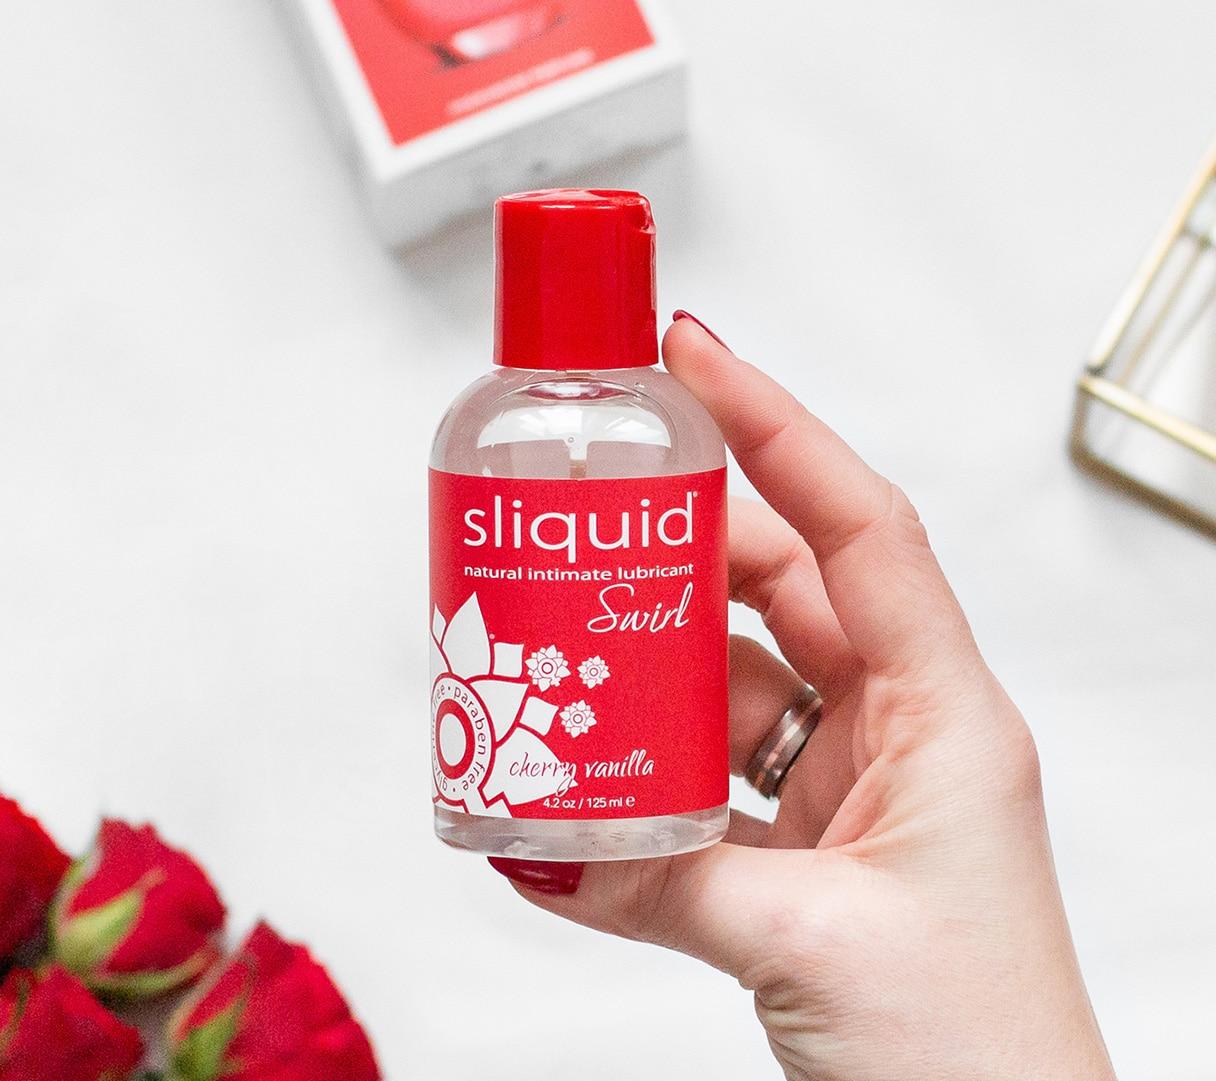 sliquid naturals swirl smakowy lubrykant na bazie wody wisnie i wanilia 1b